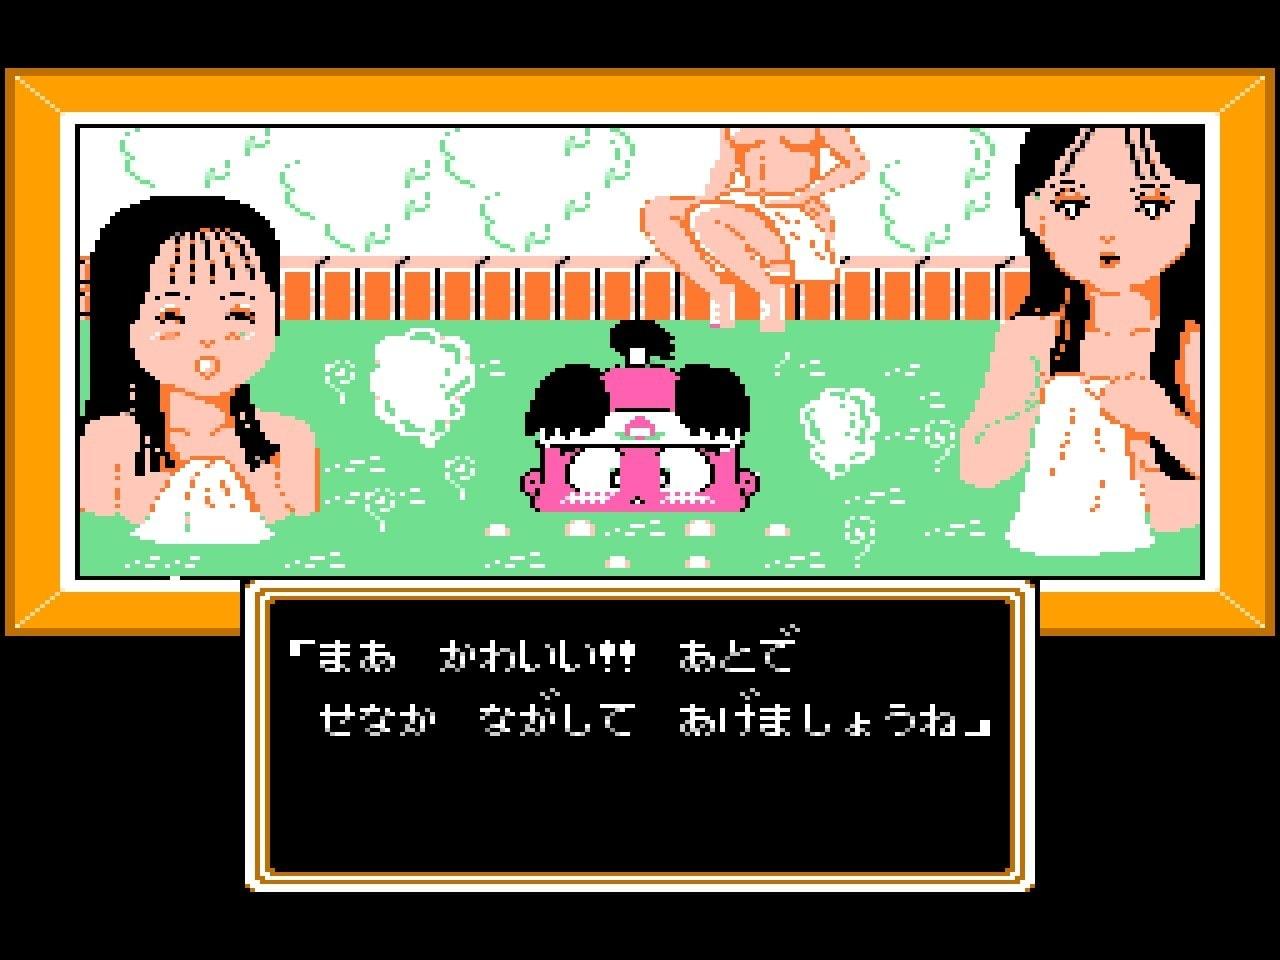 """『桃鉄』を生んだ偉大なゲームメーカー!「ハドソン」のファミコン""""一番好きだった""""ソフトランキングの画像003"""